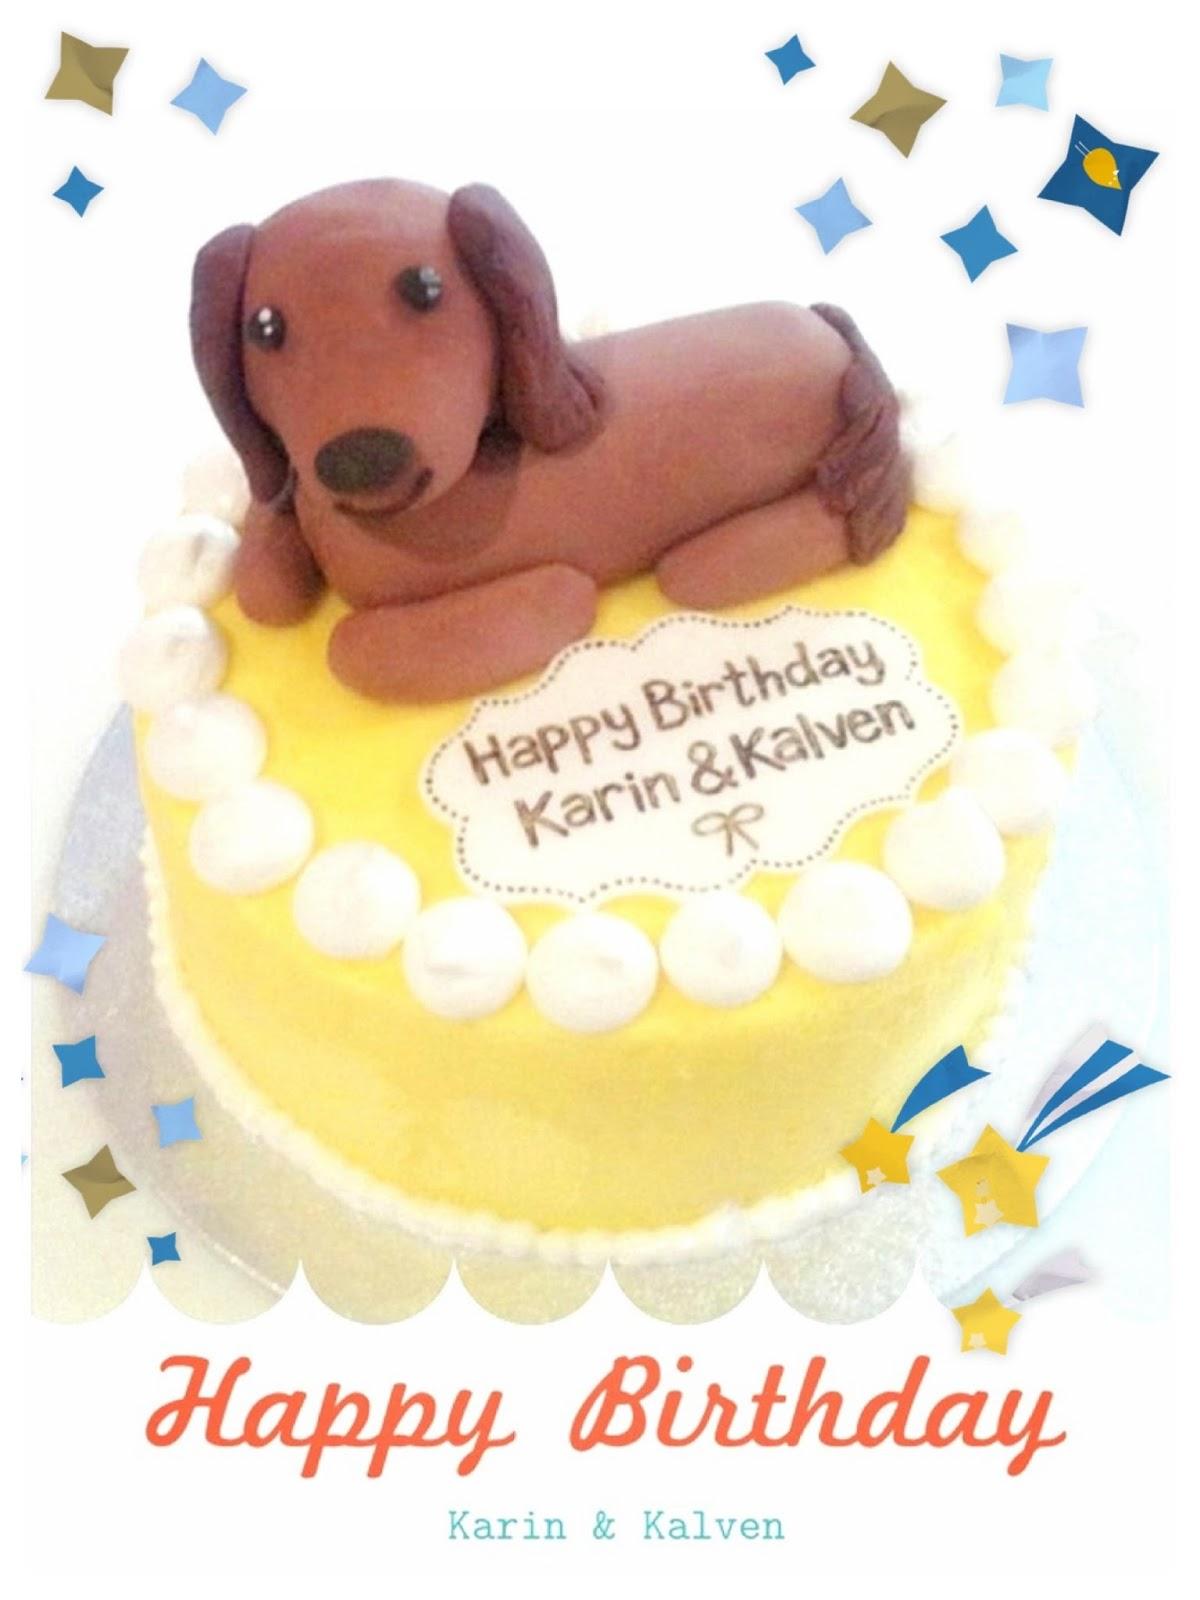 Puppy Sausage Dog Royfert Lemon & Blueberry Cake Birthday Cake London Cherie Kelly